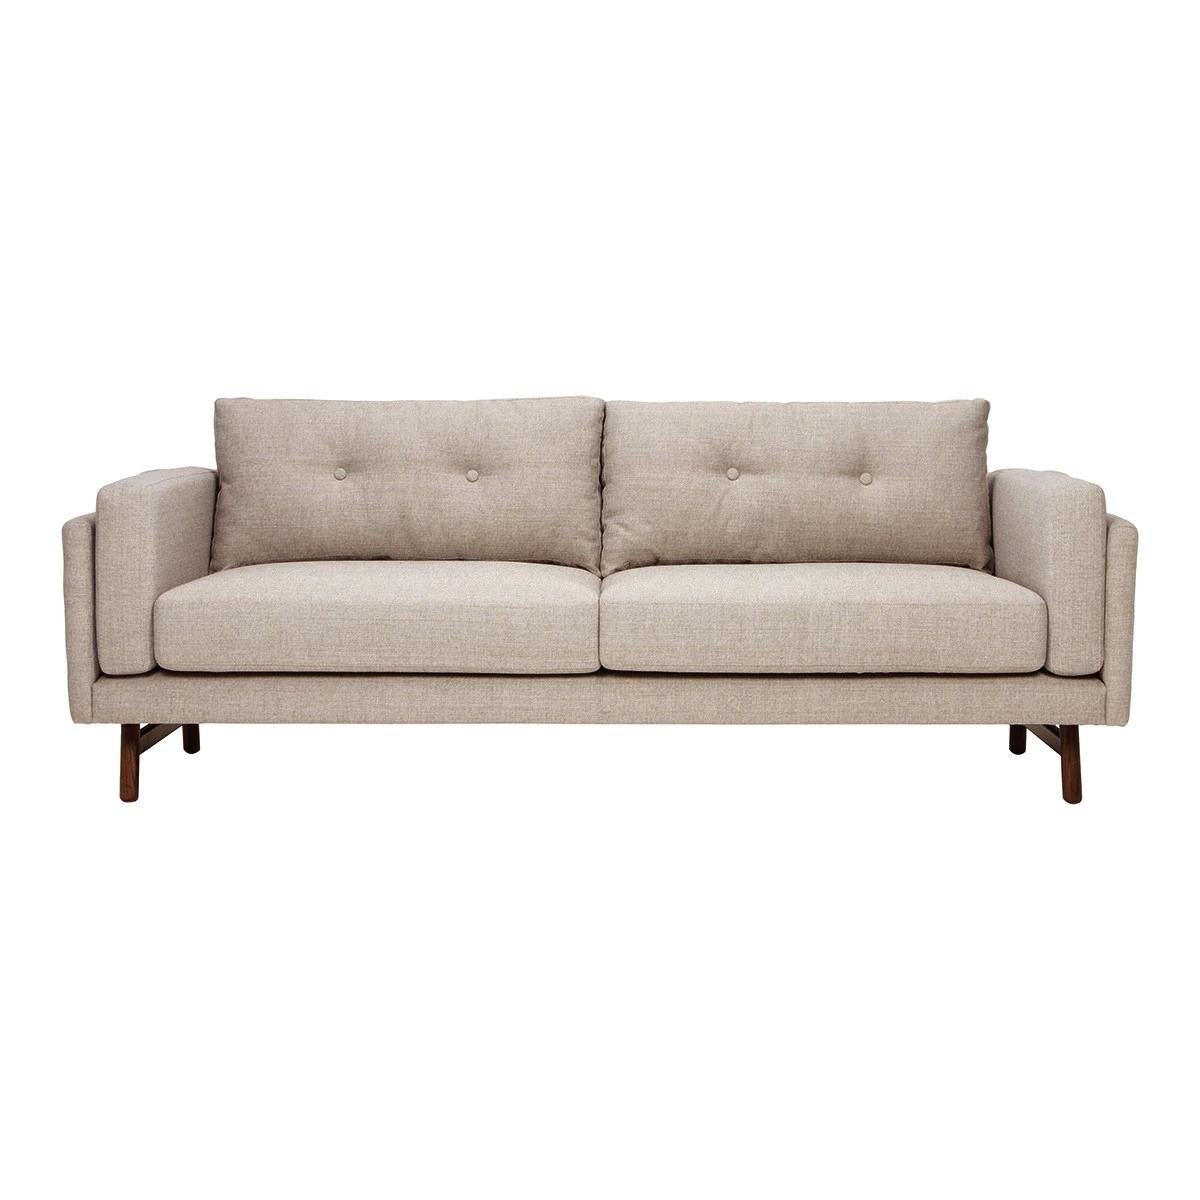 Bergen Room 3 Seater Upholstered Sofa